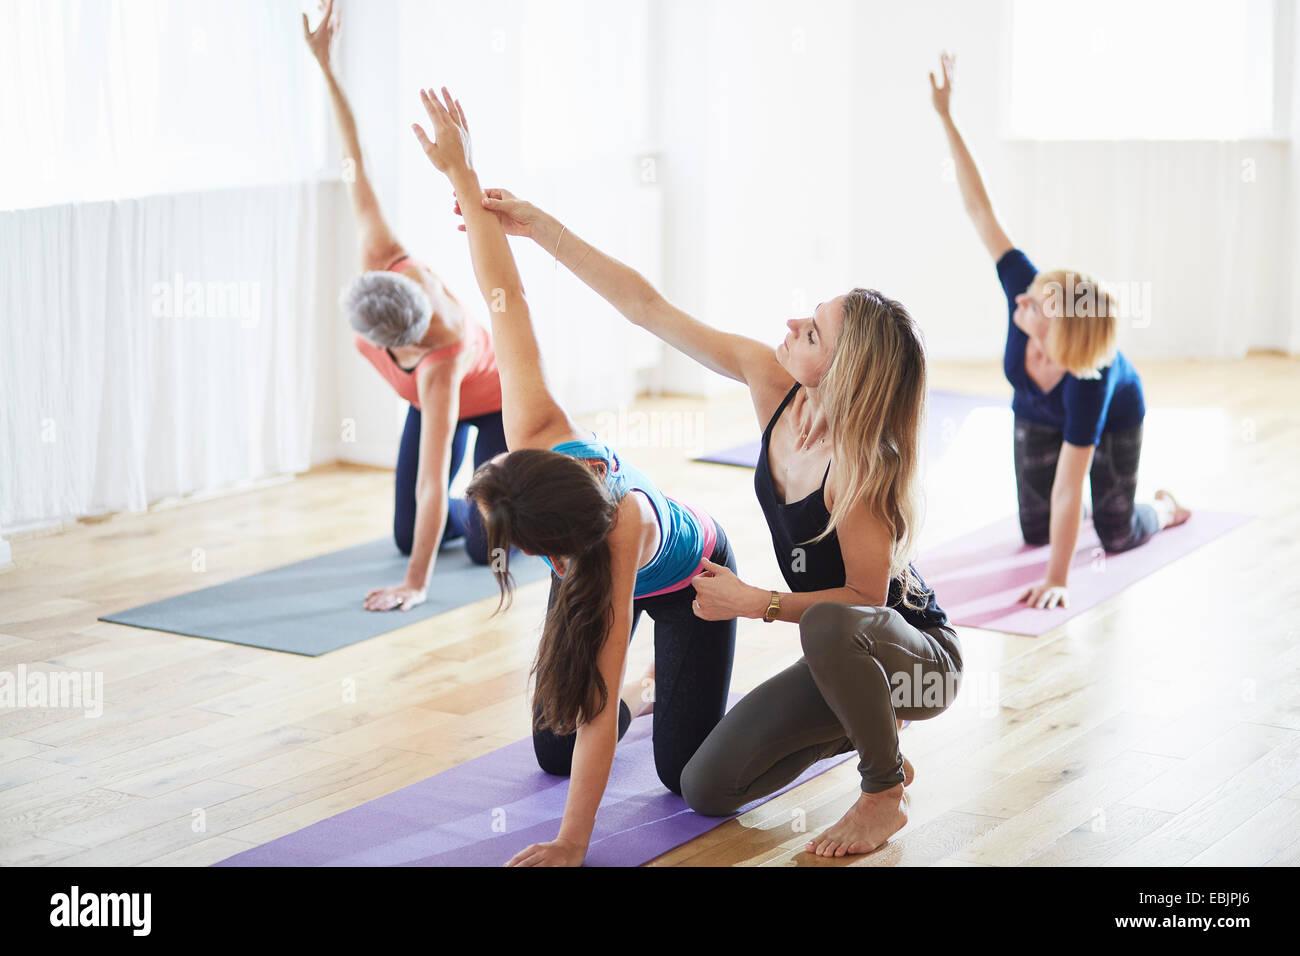 La femme agenouillée et sensibilisation dans les bras de pilates Photo Stock